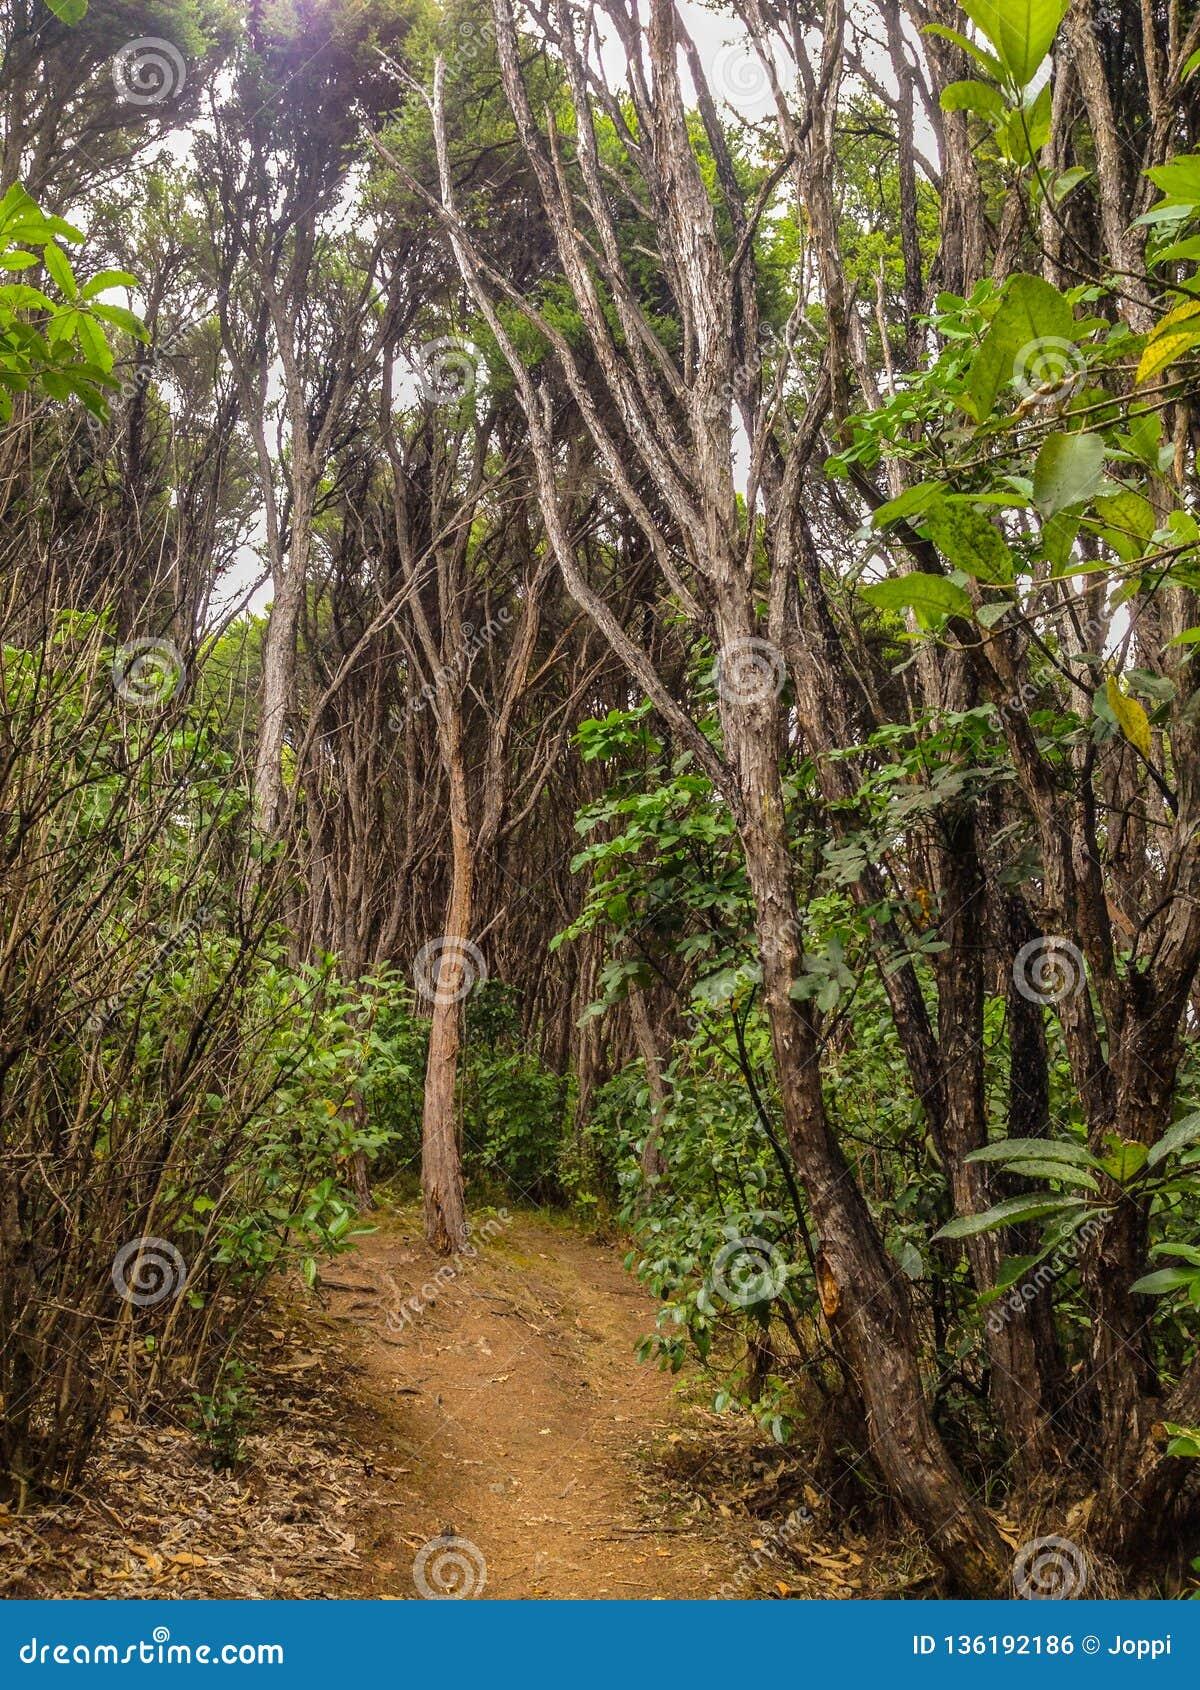 Forêt tropicale luxuriante près de Picton, île du sud, Nouvelle-Zélande